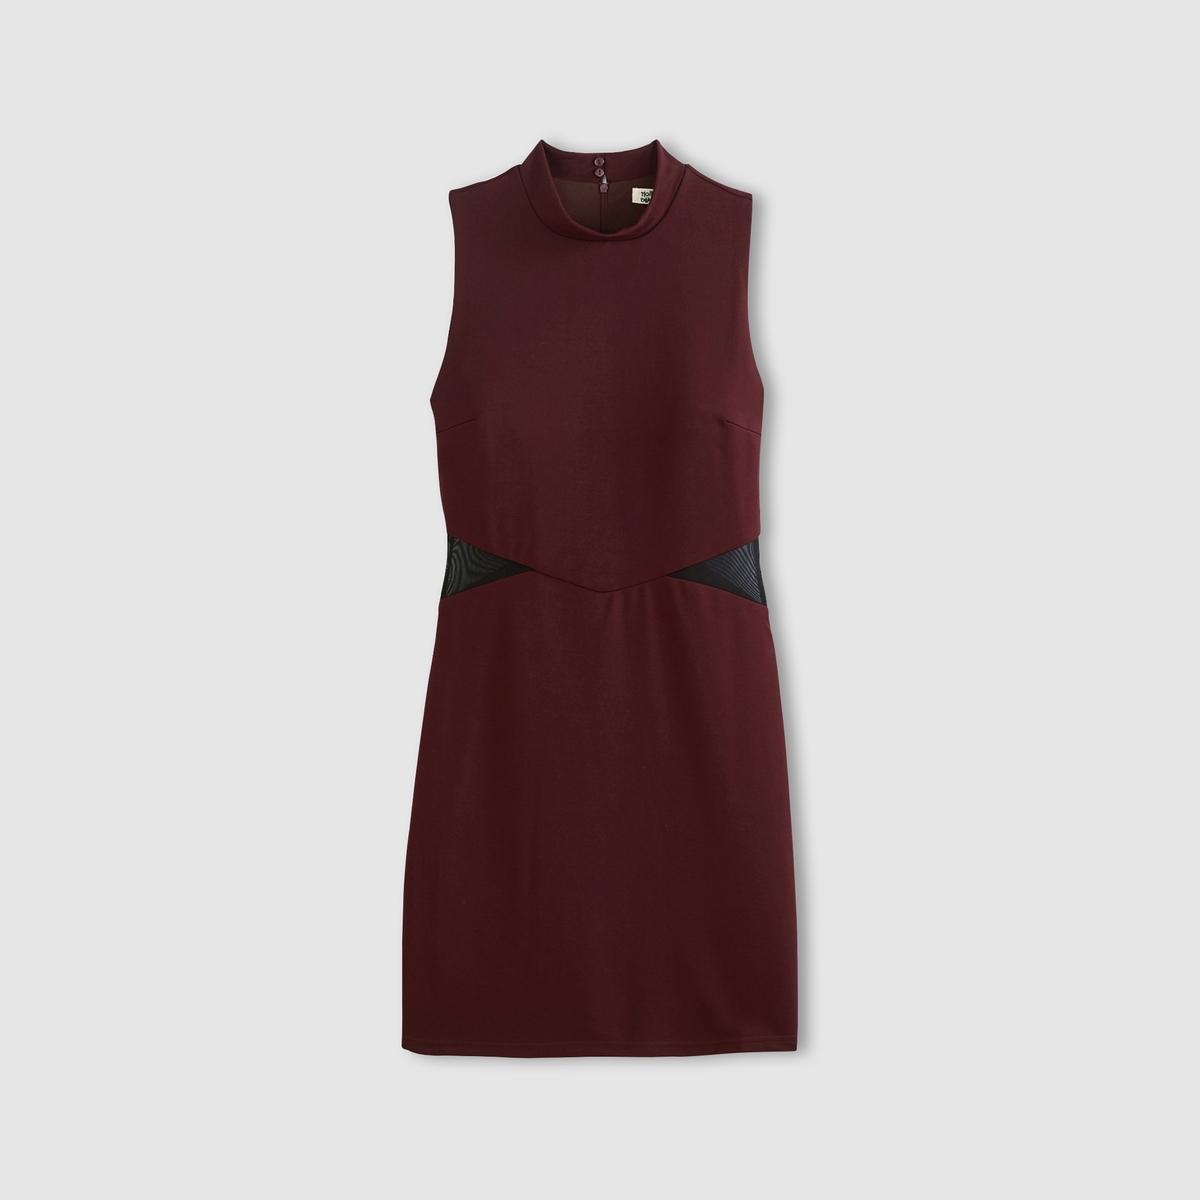 Платье облегающее без рукавовСостав и описаниеМатериал: 95% полиэстера, 5% эластана.Подкладка: 100% полиэстер.Марка: MOLLY BRACKEN.УходСтирать при 30°C с вещами подобныхцветов.  Стирать и гладить с изнанки.<br><br>Цвет: зеленый,красный темный<br>Размер: M.M.S